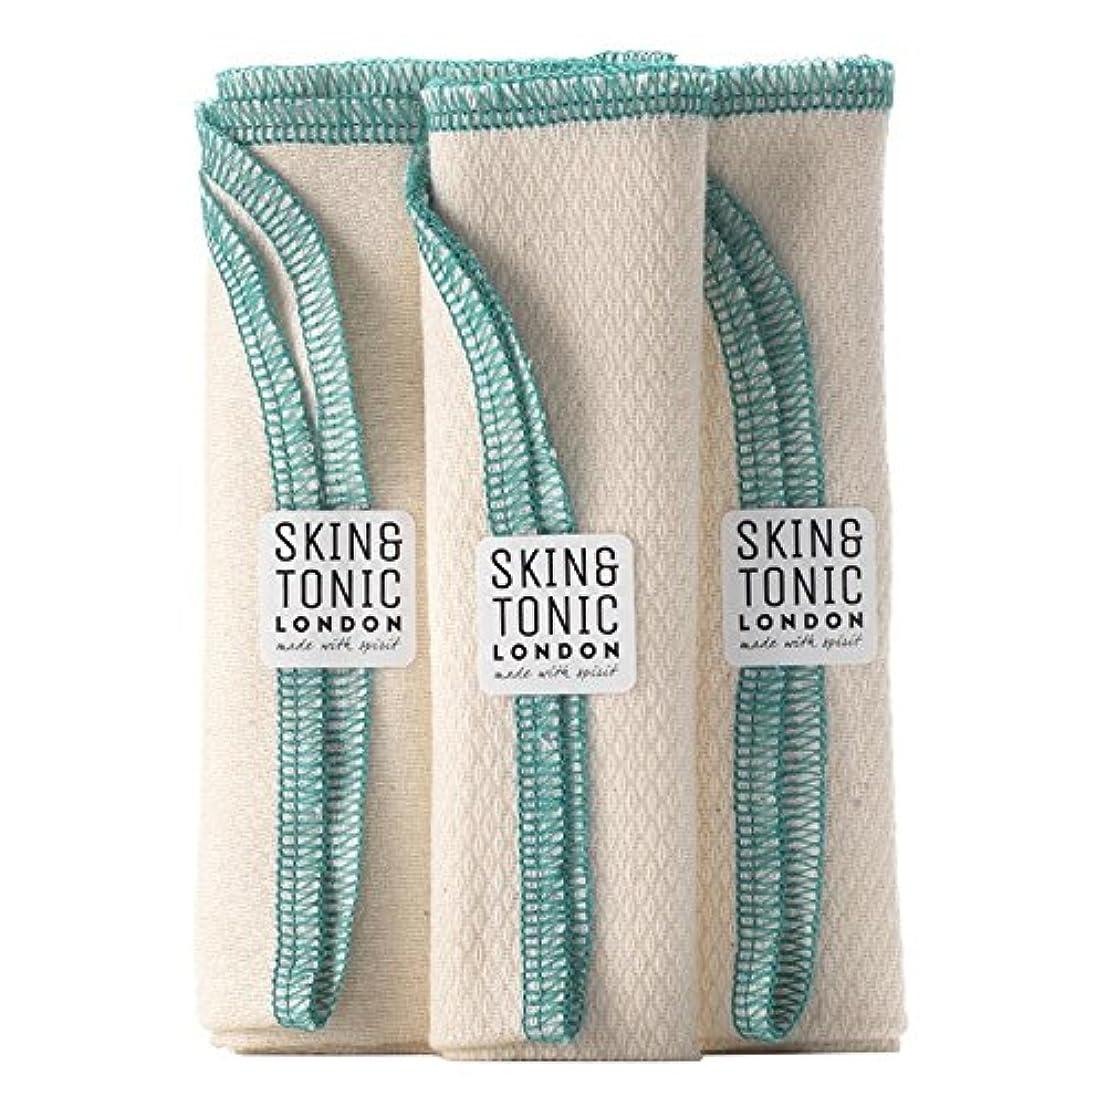 宿泊施設開発するスキン&トニックロンドンオーガニックコットン生地 x4 - Skin & Tonic London Organic Cotton Cloth (Pack of 4) [並行輸入品]